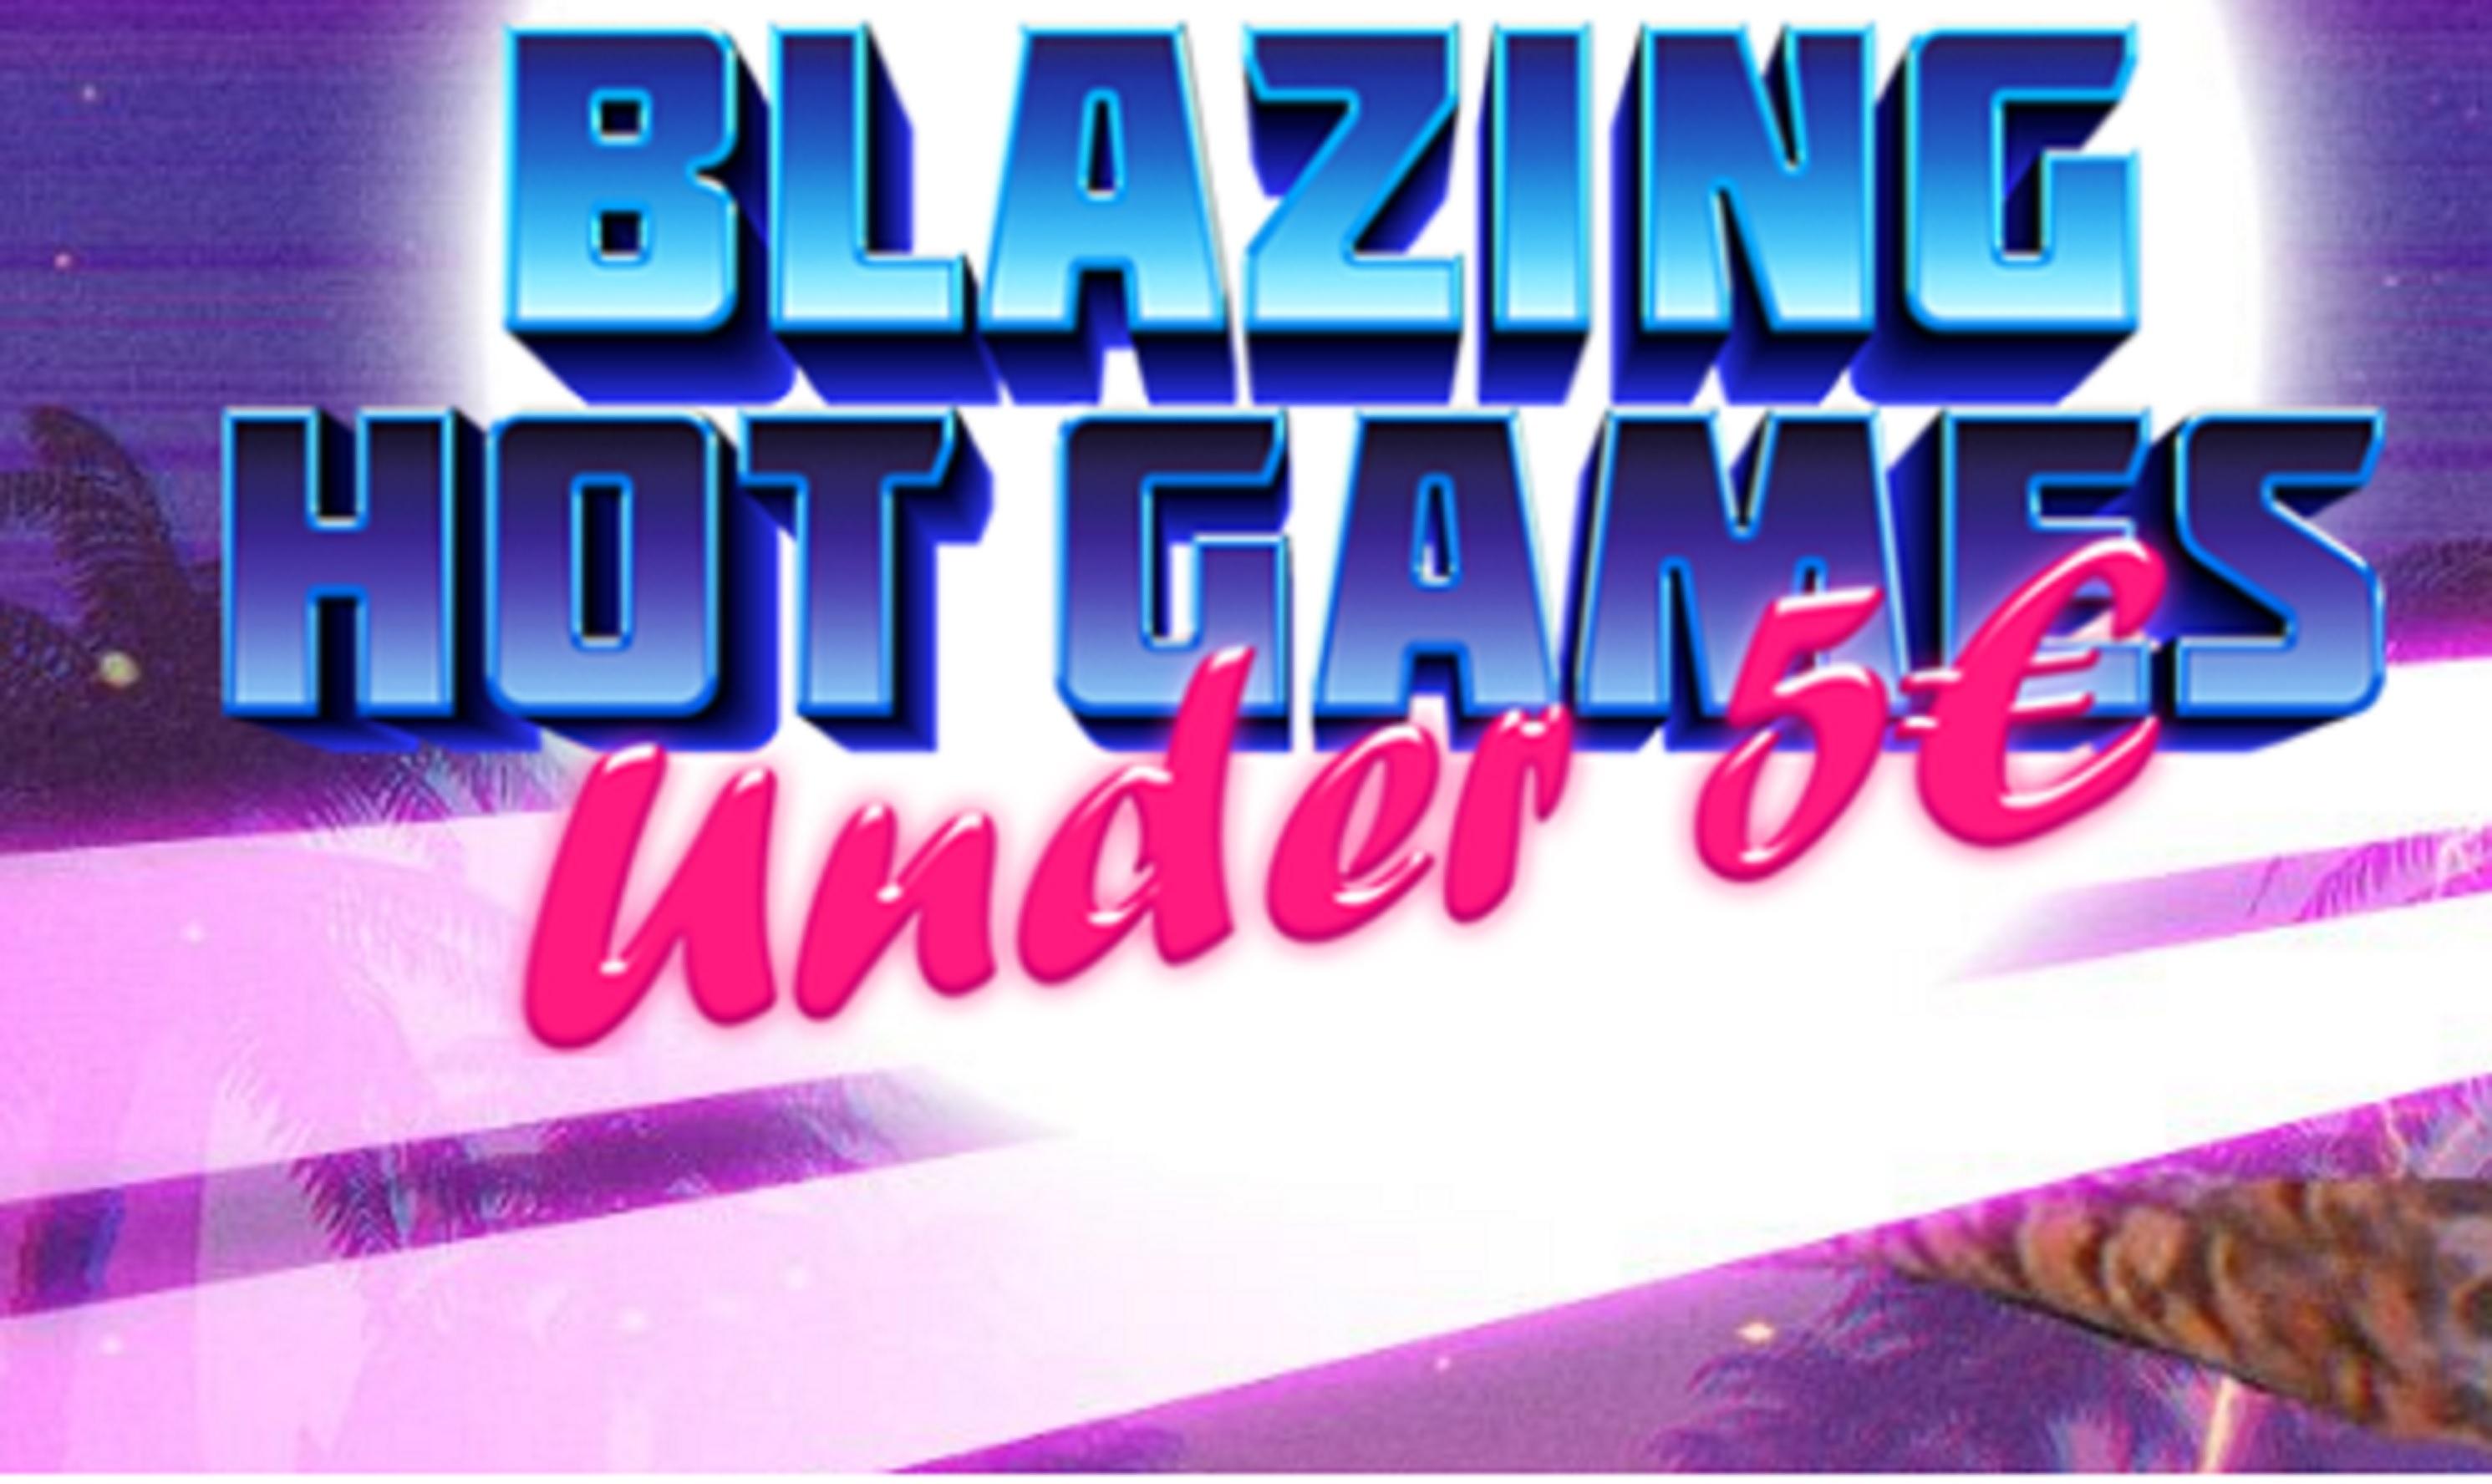 Kilkadziesiąt gier poniżej 20zł - GTA, Battlefield, Wiedźmin 2, Sims 3